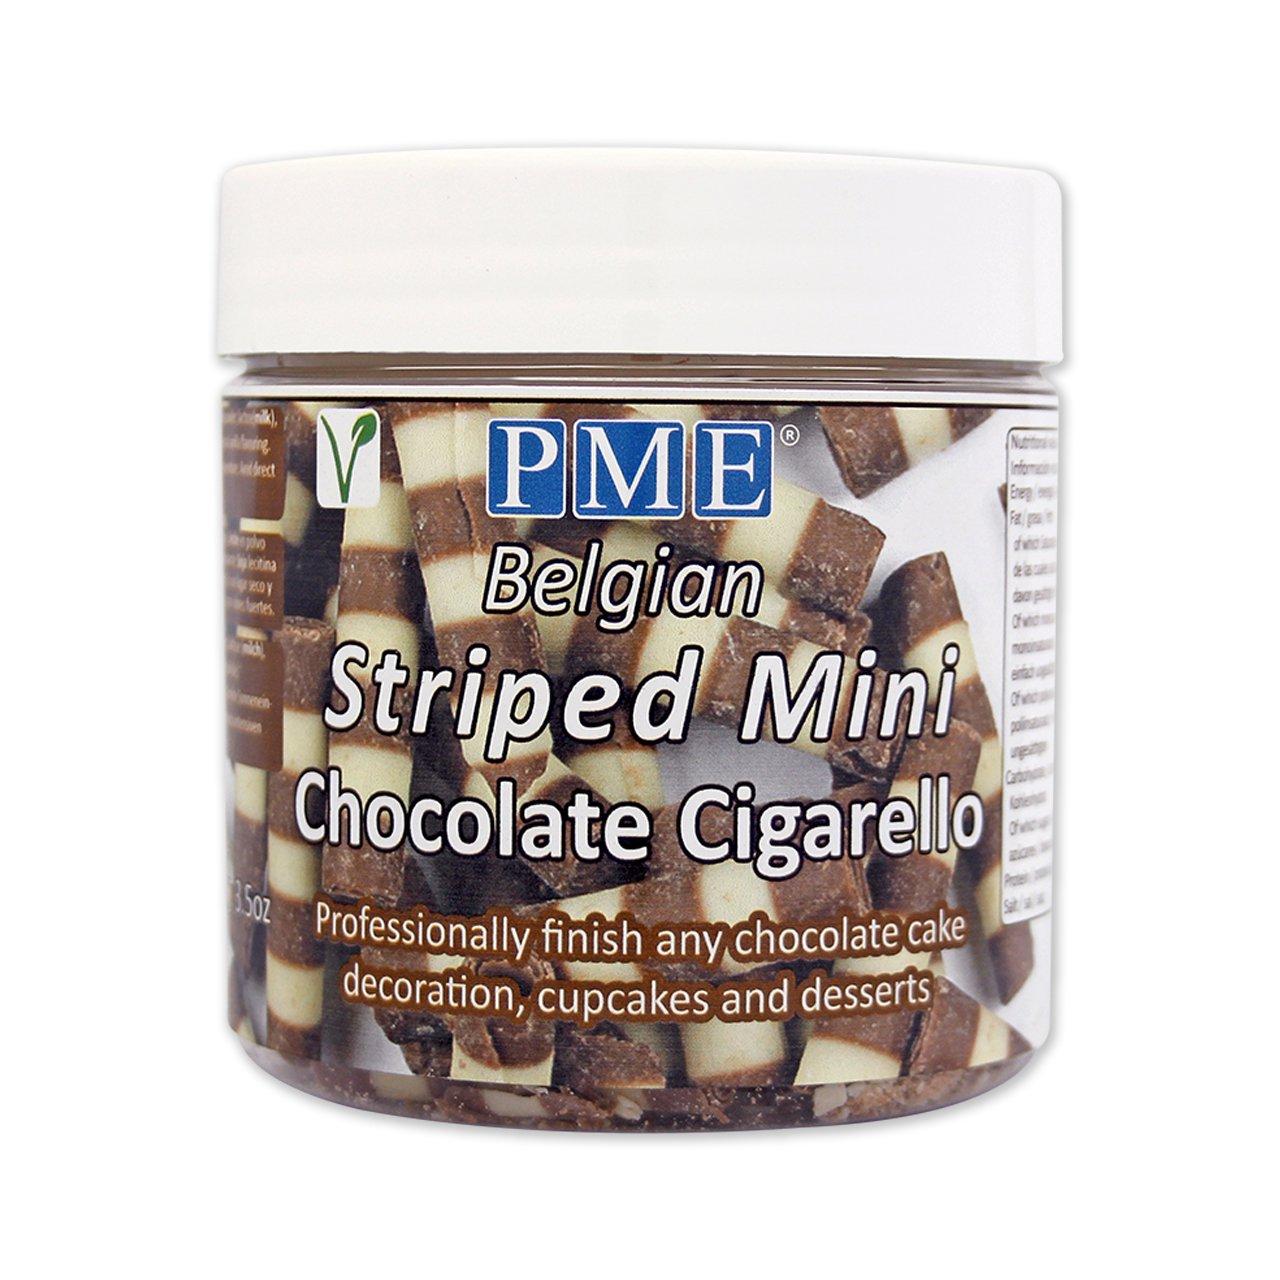 Puros Rayados de Chocolate Belga PME 100 g: Amazon.es: Alimentación y bebidas